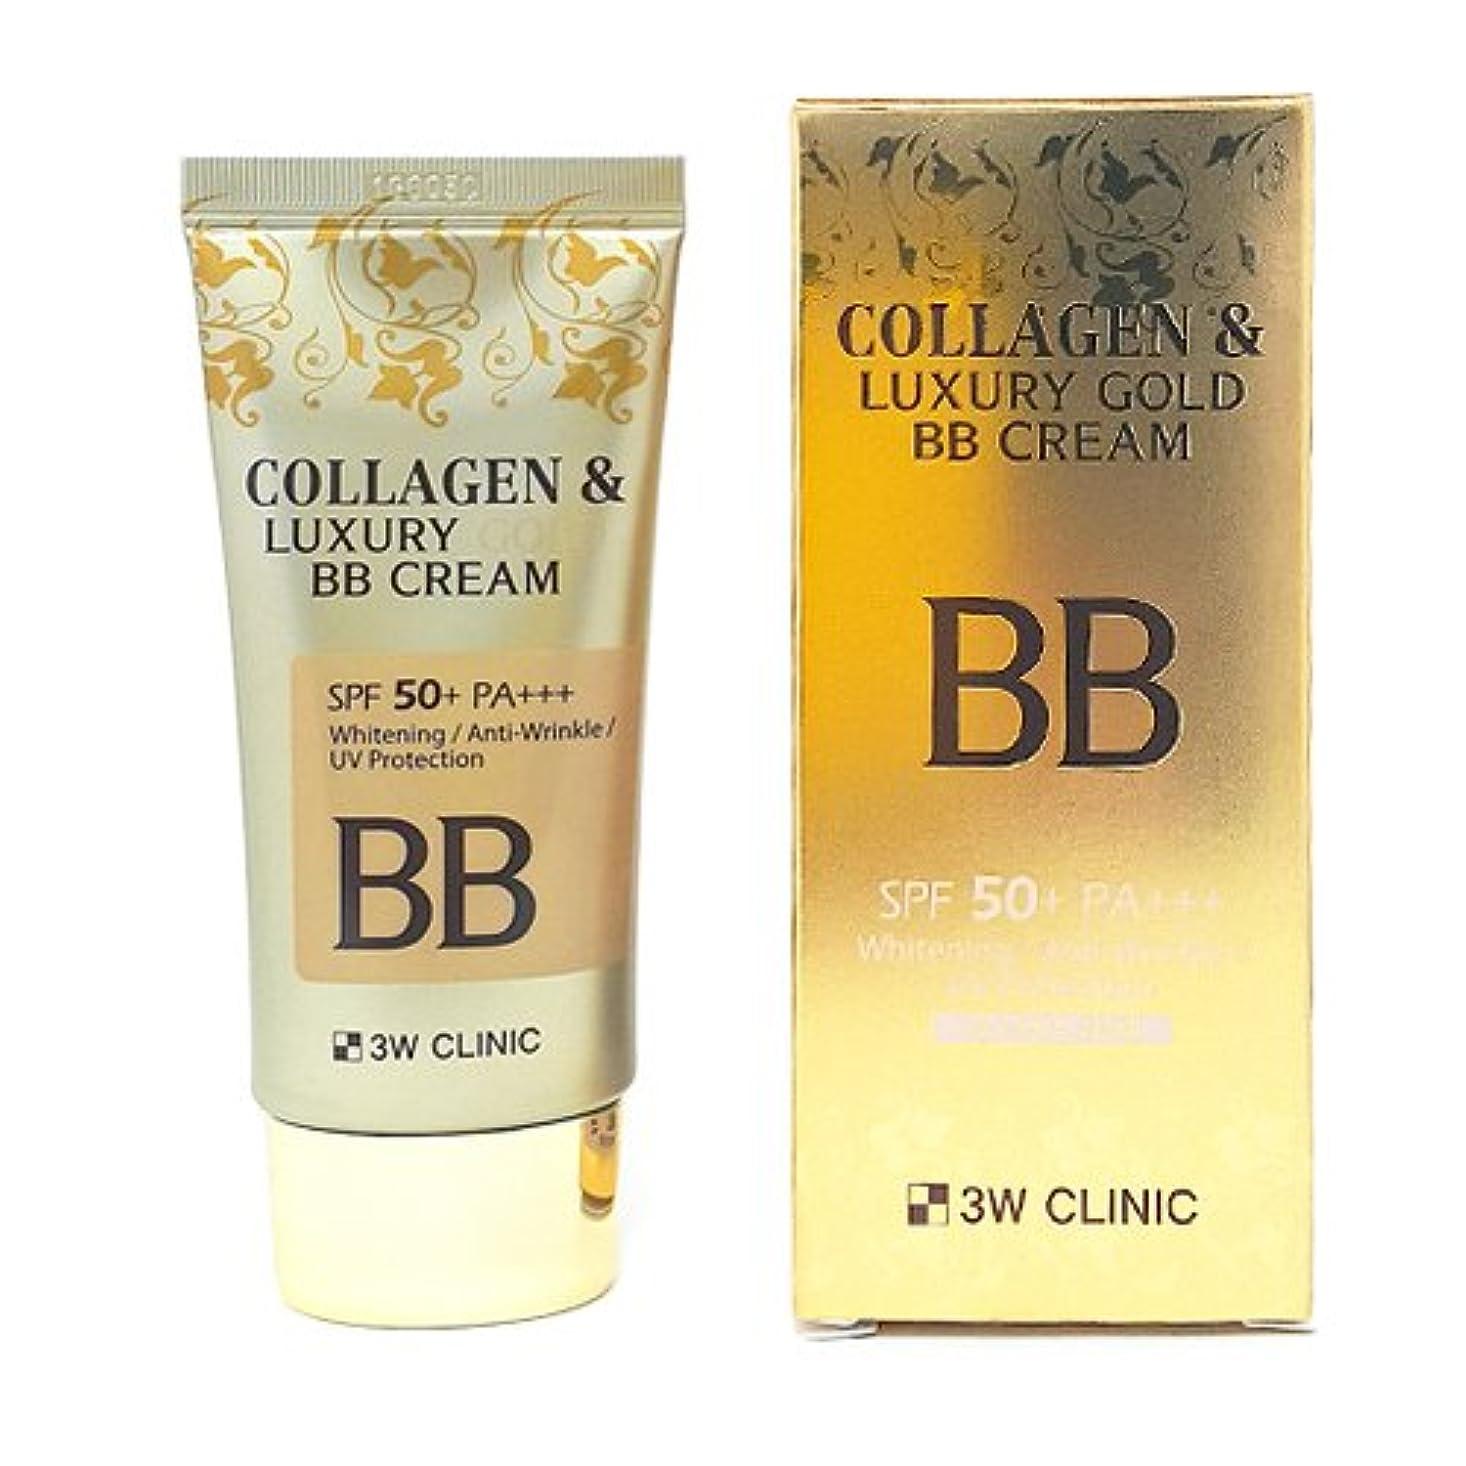 背景反逆者プラカード3Wクリニック[韓国コスメ3w Clinic]Collagen & Luxury Gold BB Cream コラーゲンラグジュアリーゴールド BBクリーム50ml 50+/PA+++[並行輸入品]